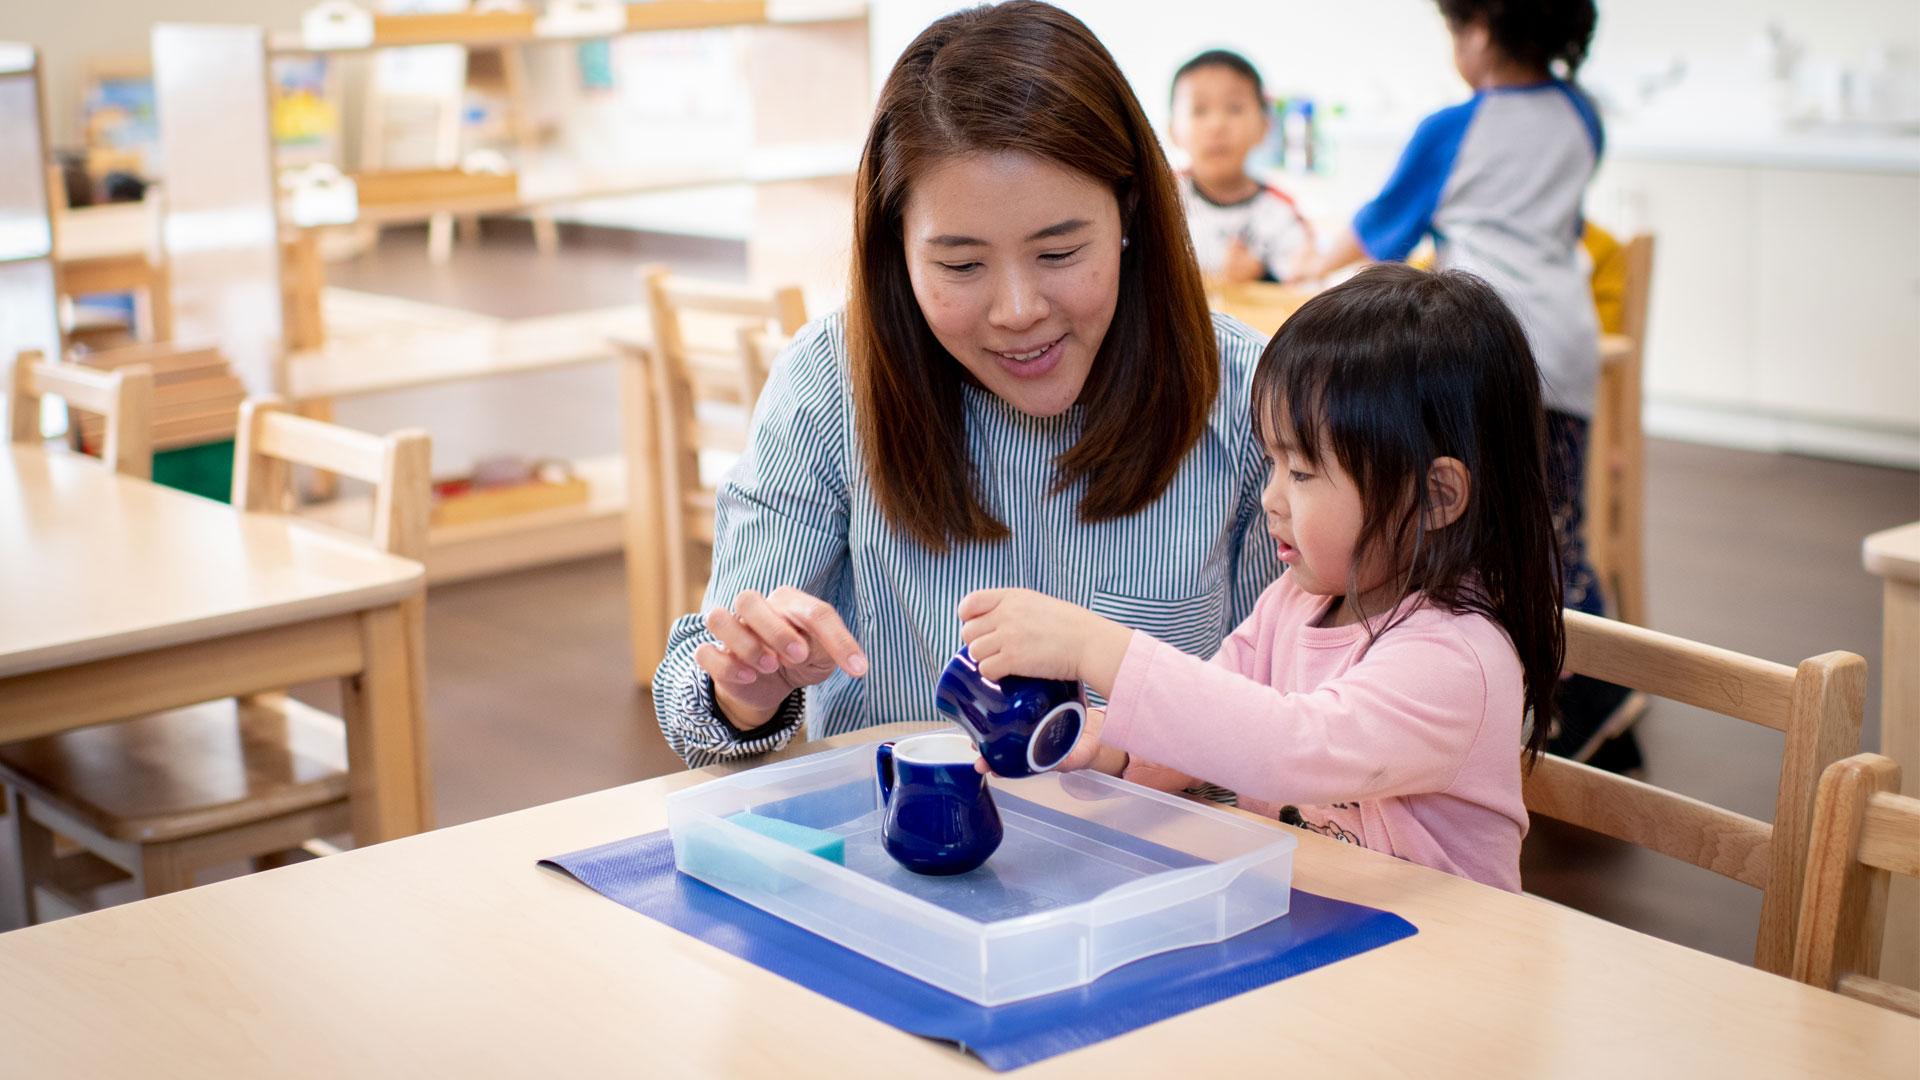 A teacher guiding a little girl